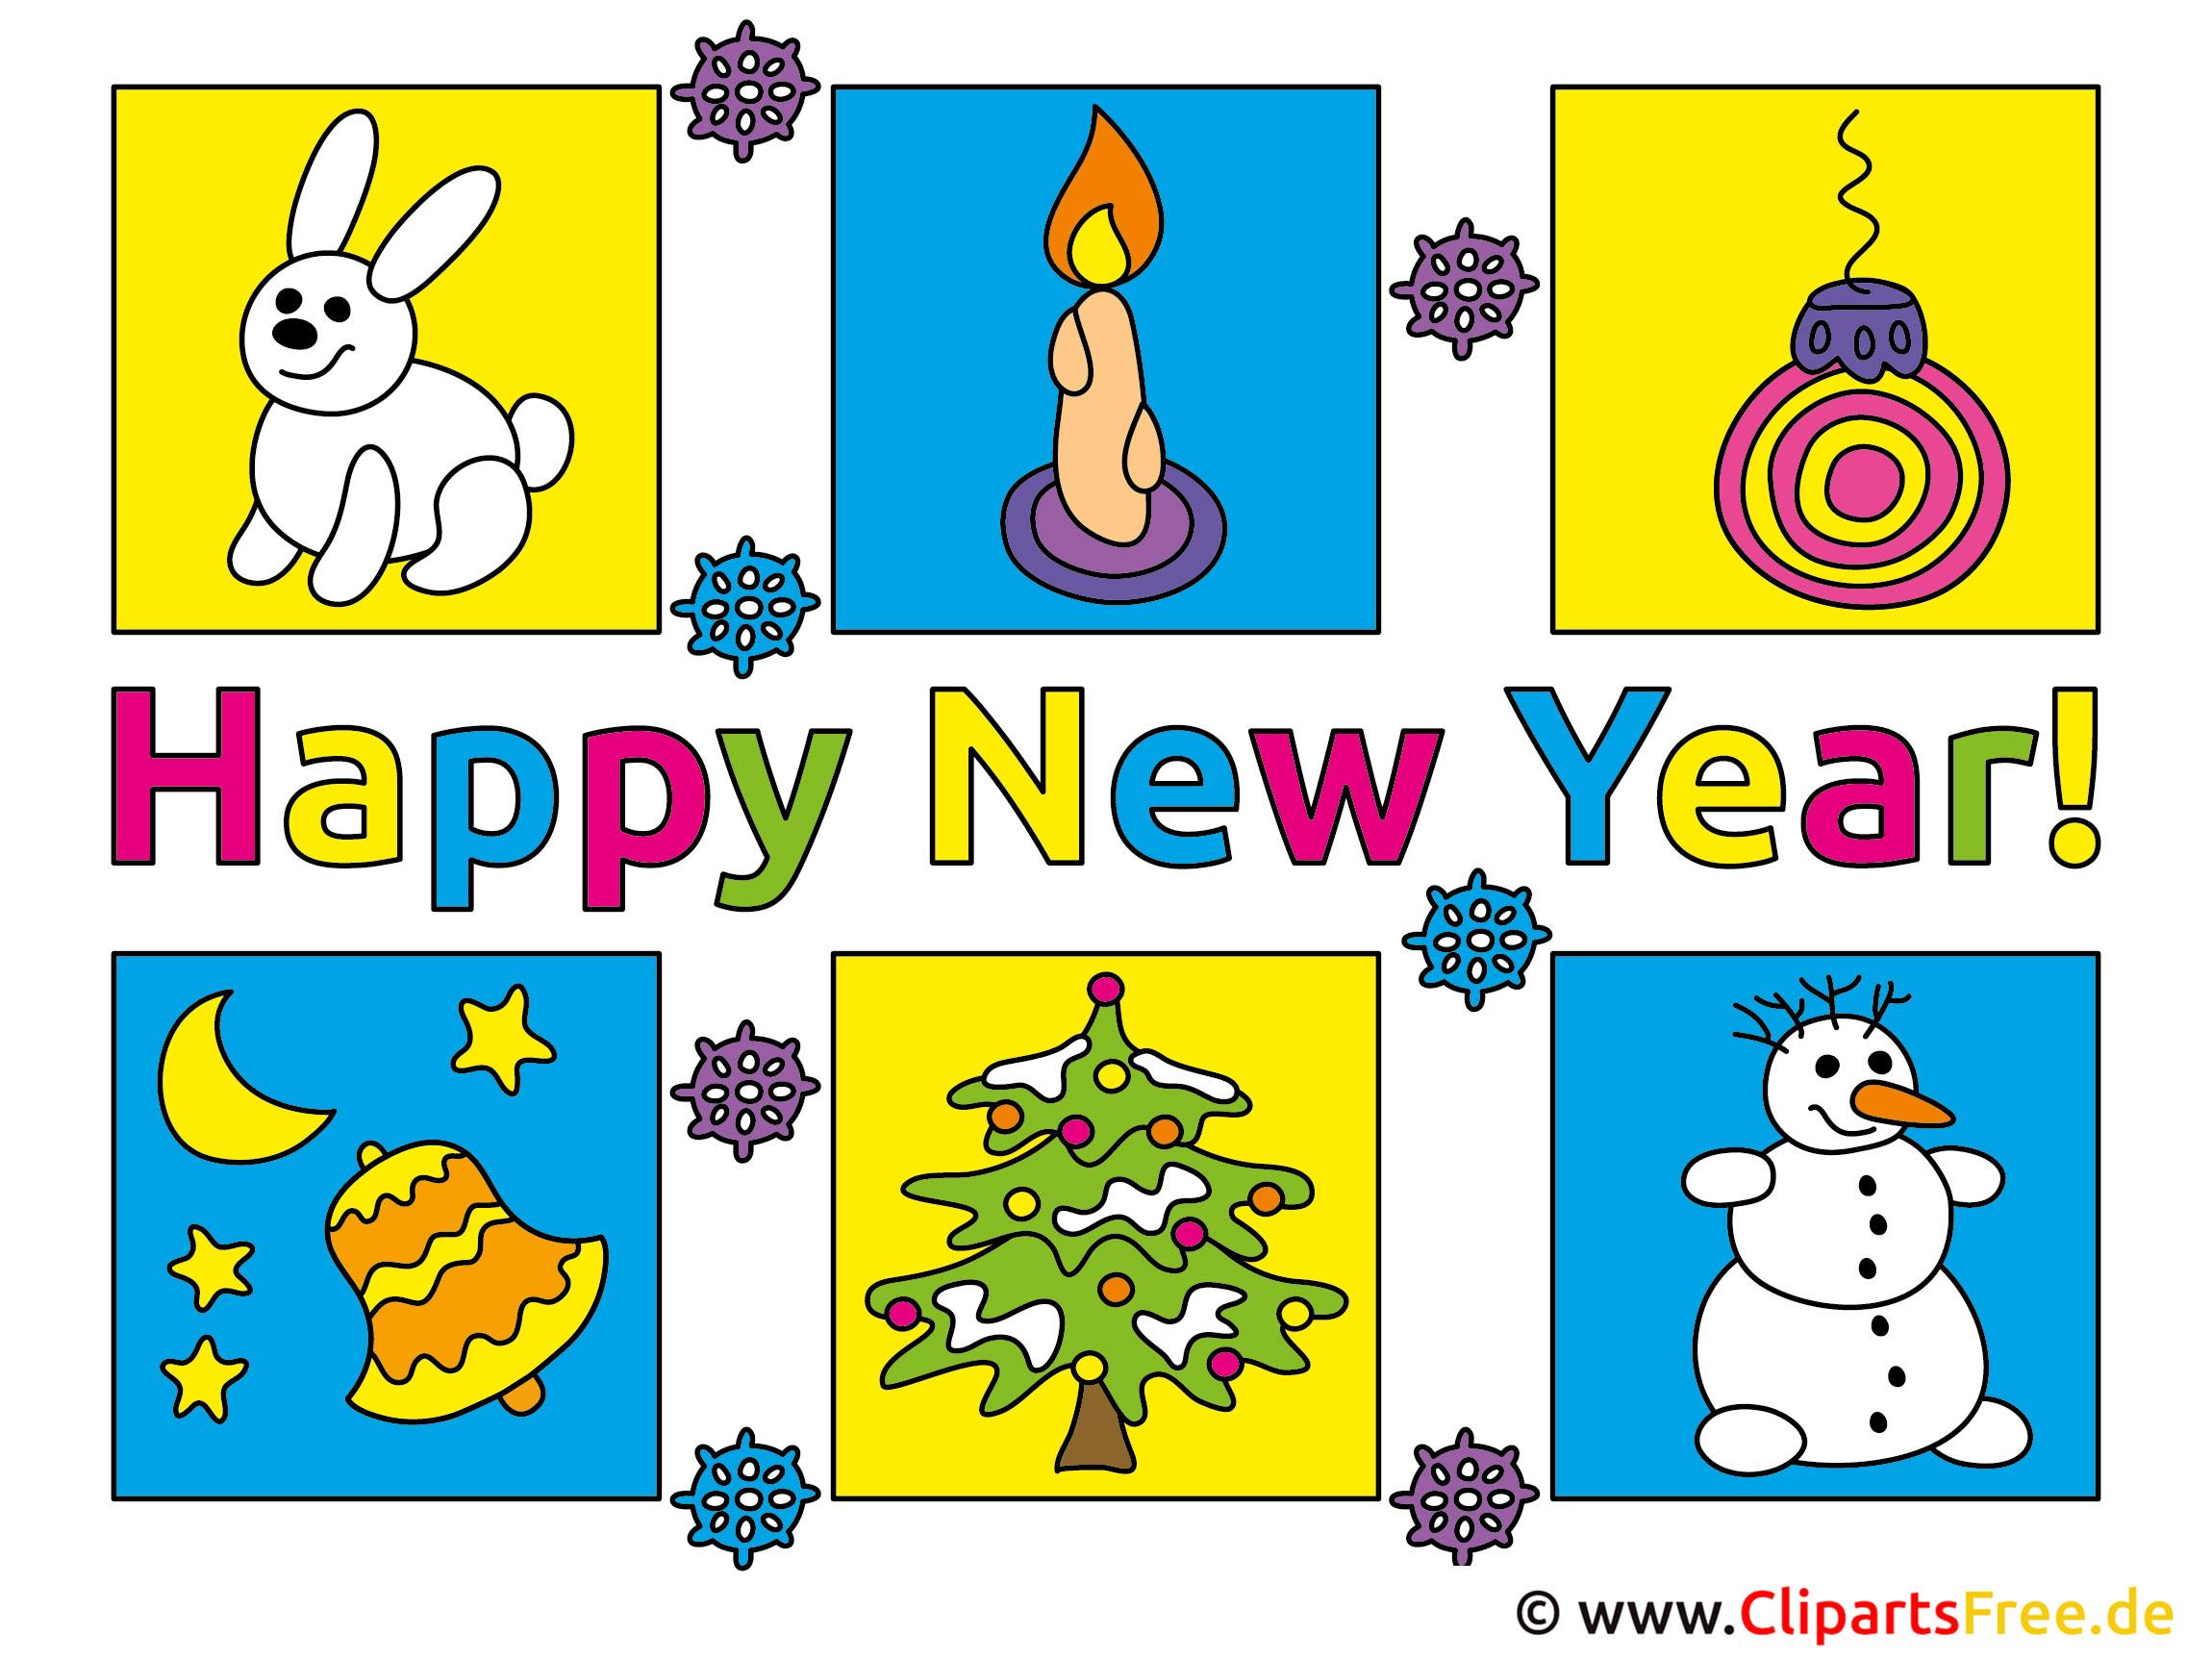 Neujahrswünsche Bilder kostenlos